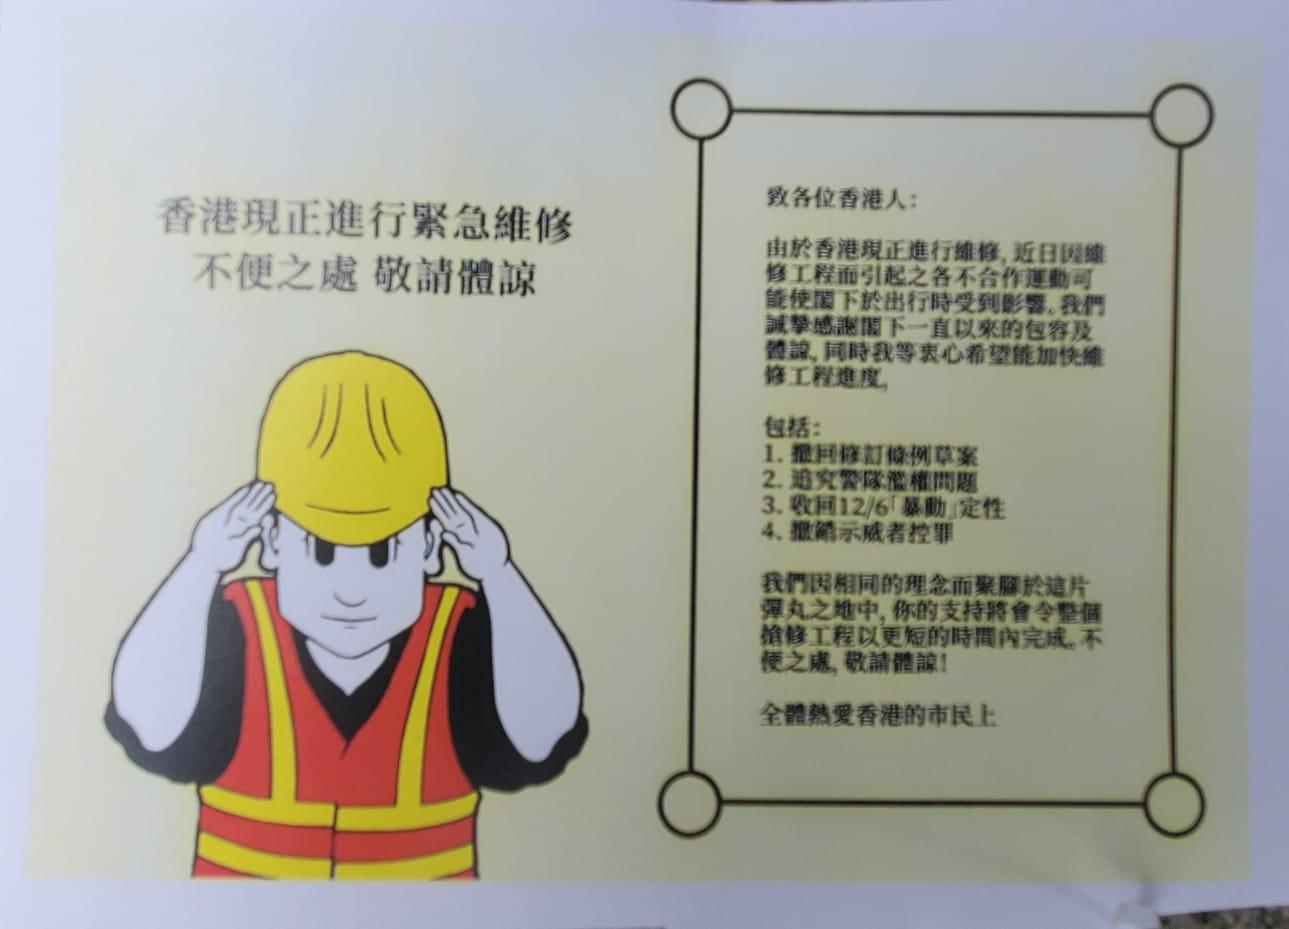 【逃犯條例】示威者發「唔好意思」行動 派傳單向市民道歉